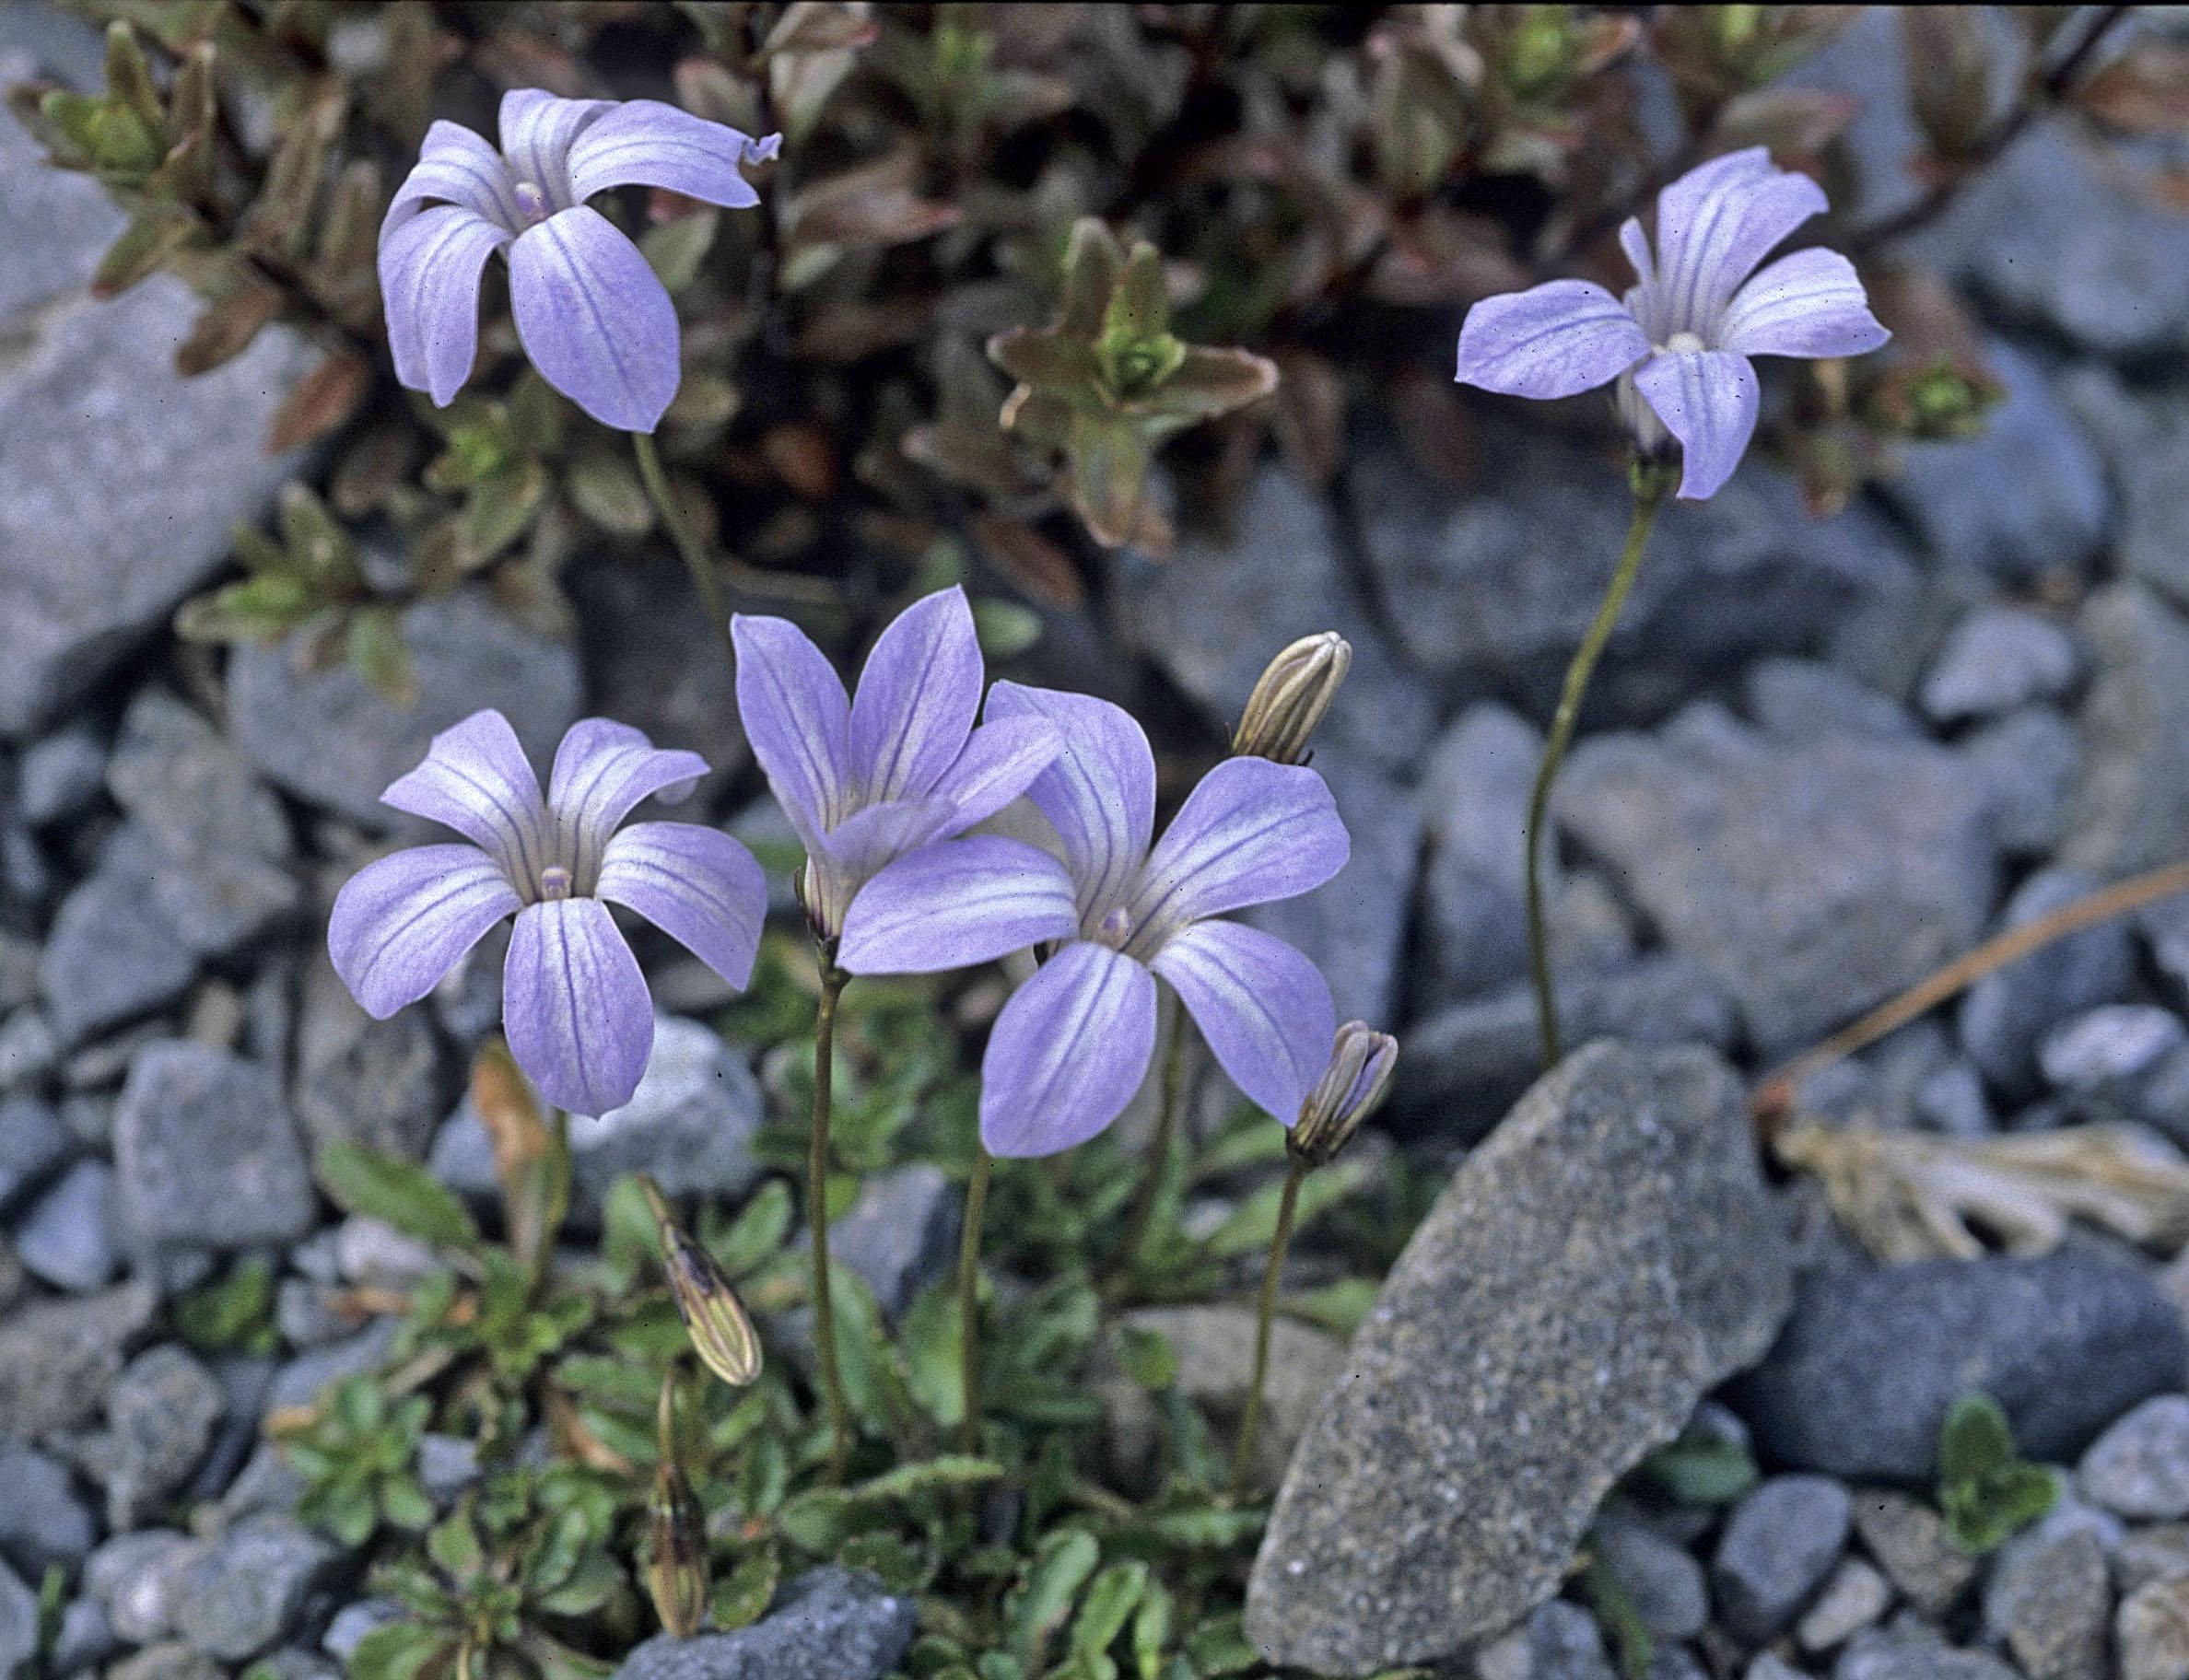 Wahlenbergia pygmaea